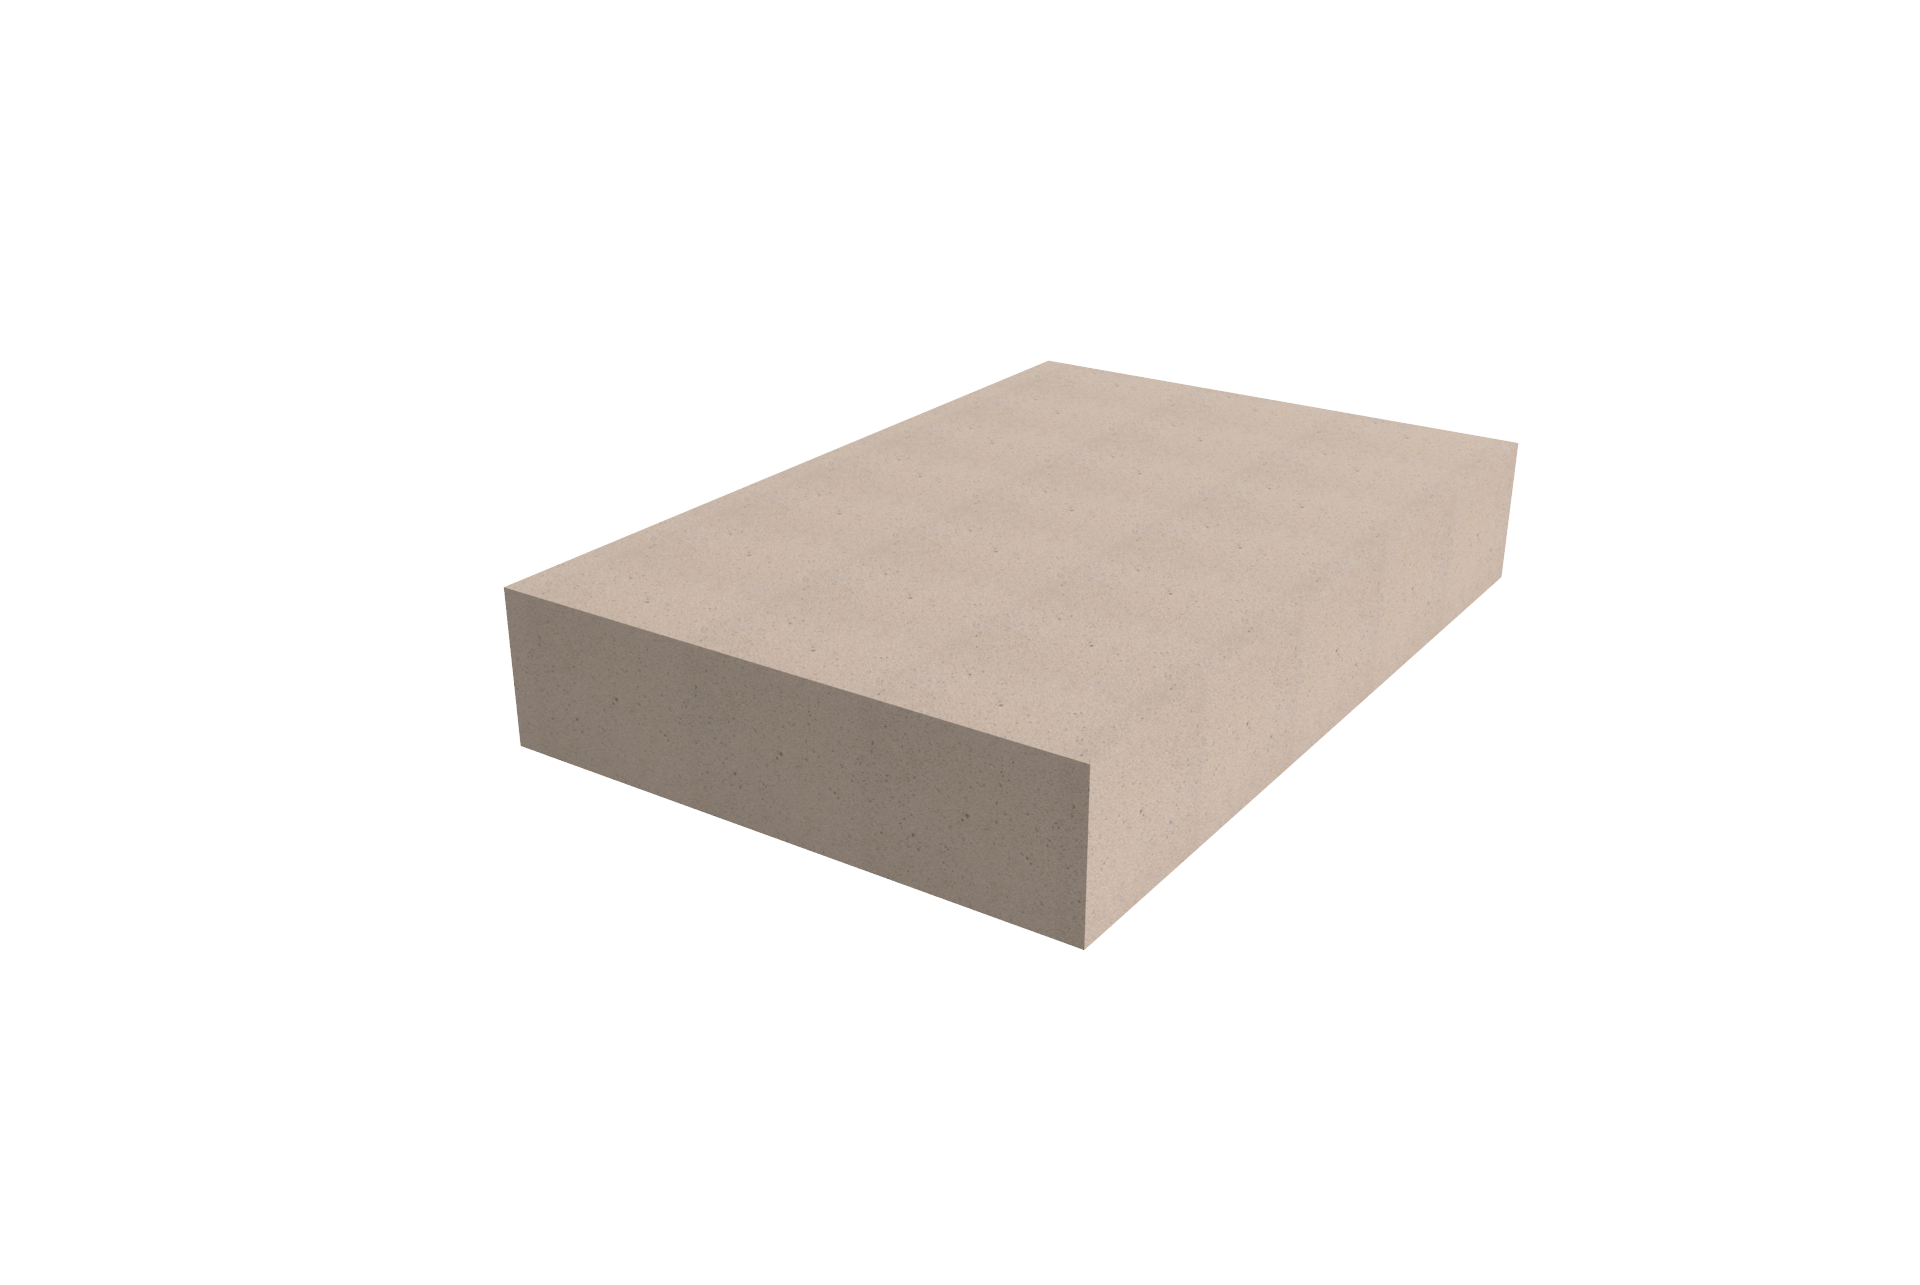 Precast Concrete Wall Caps